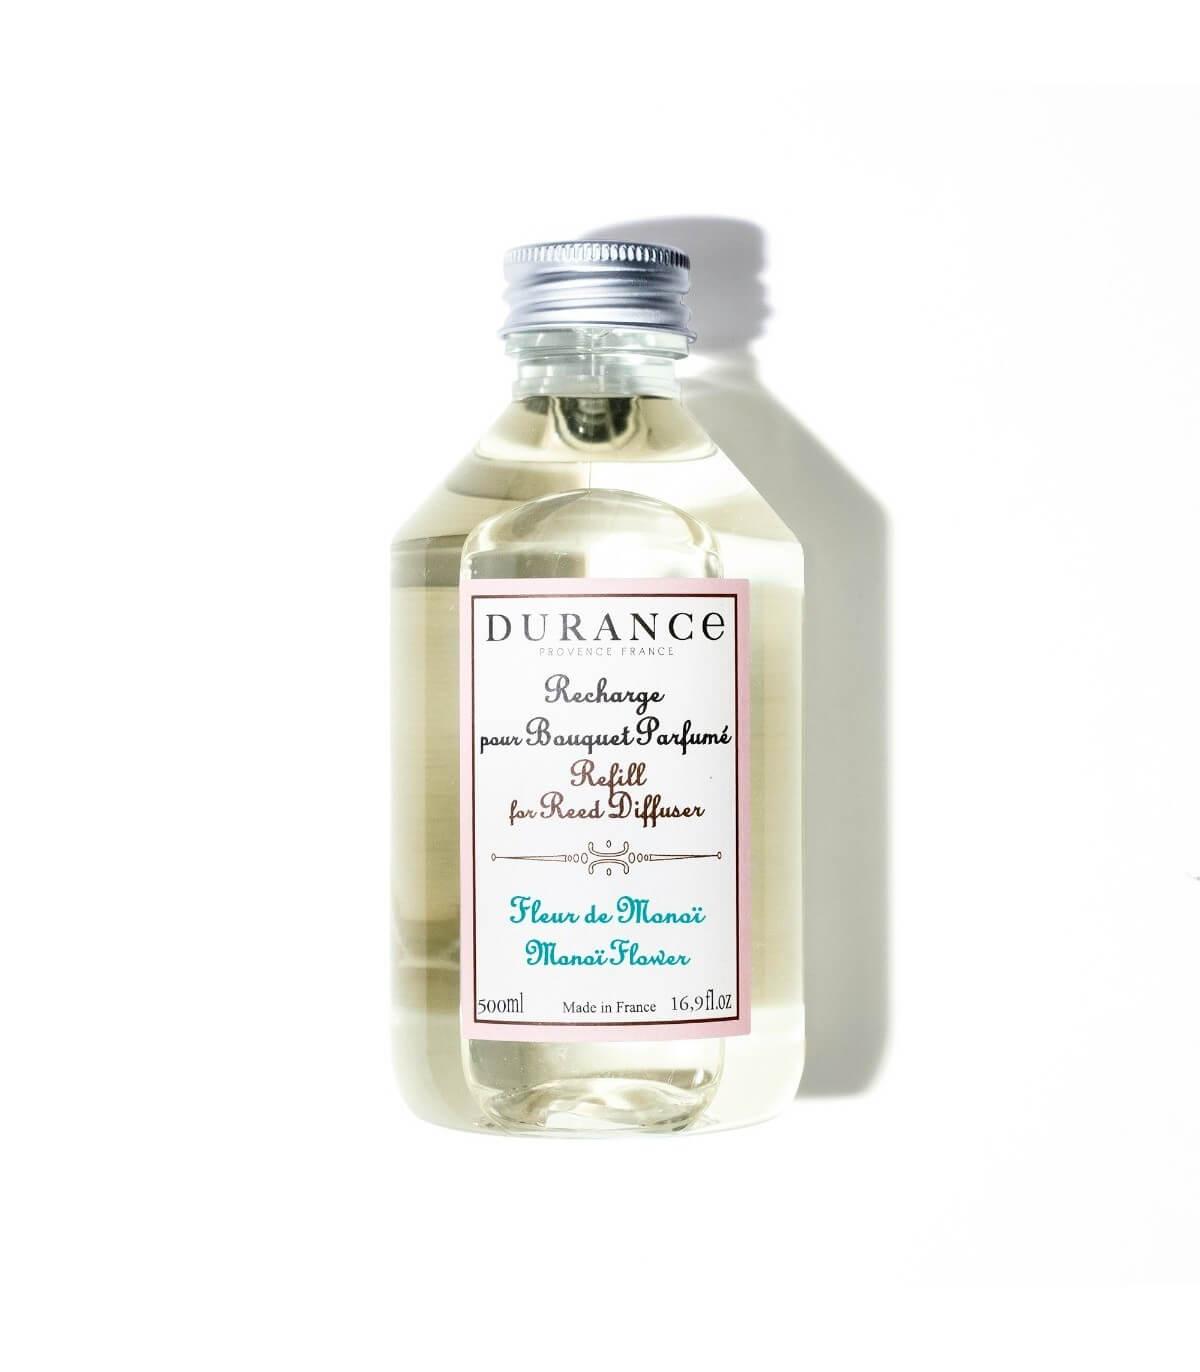 Recharge bouquet parfumé fleur de monoï 500ml